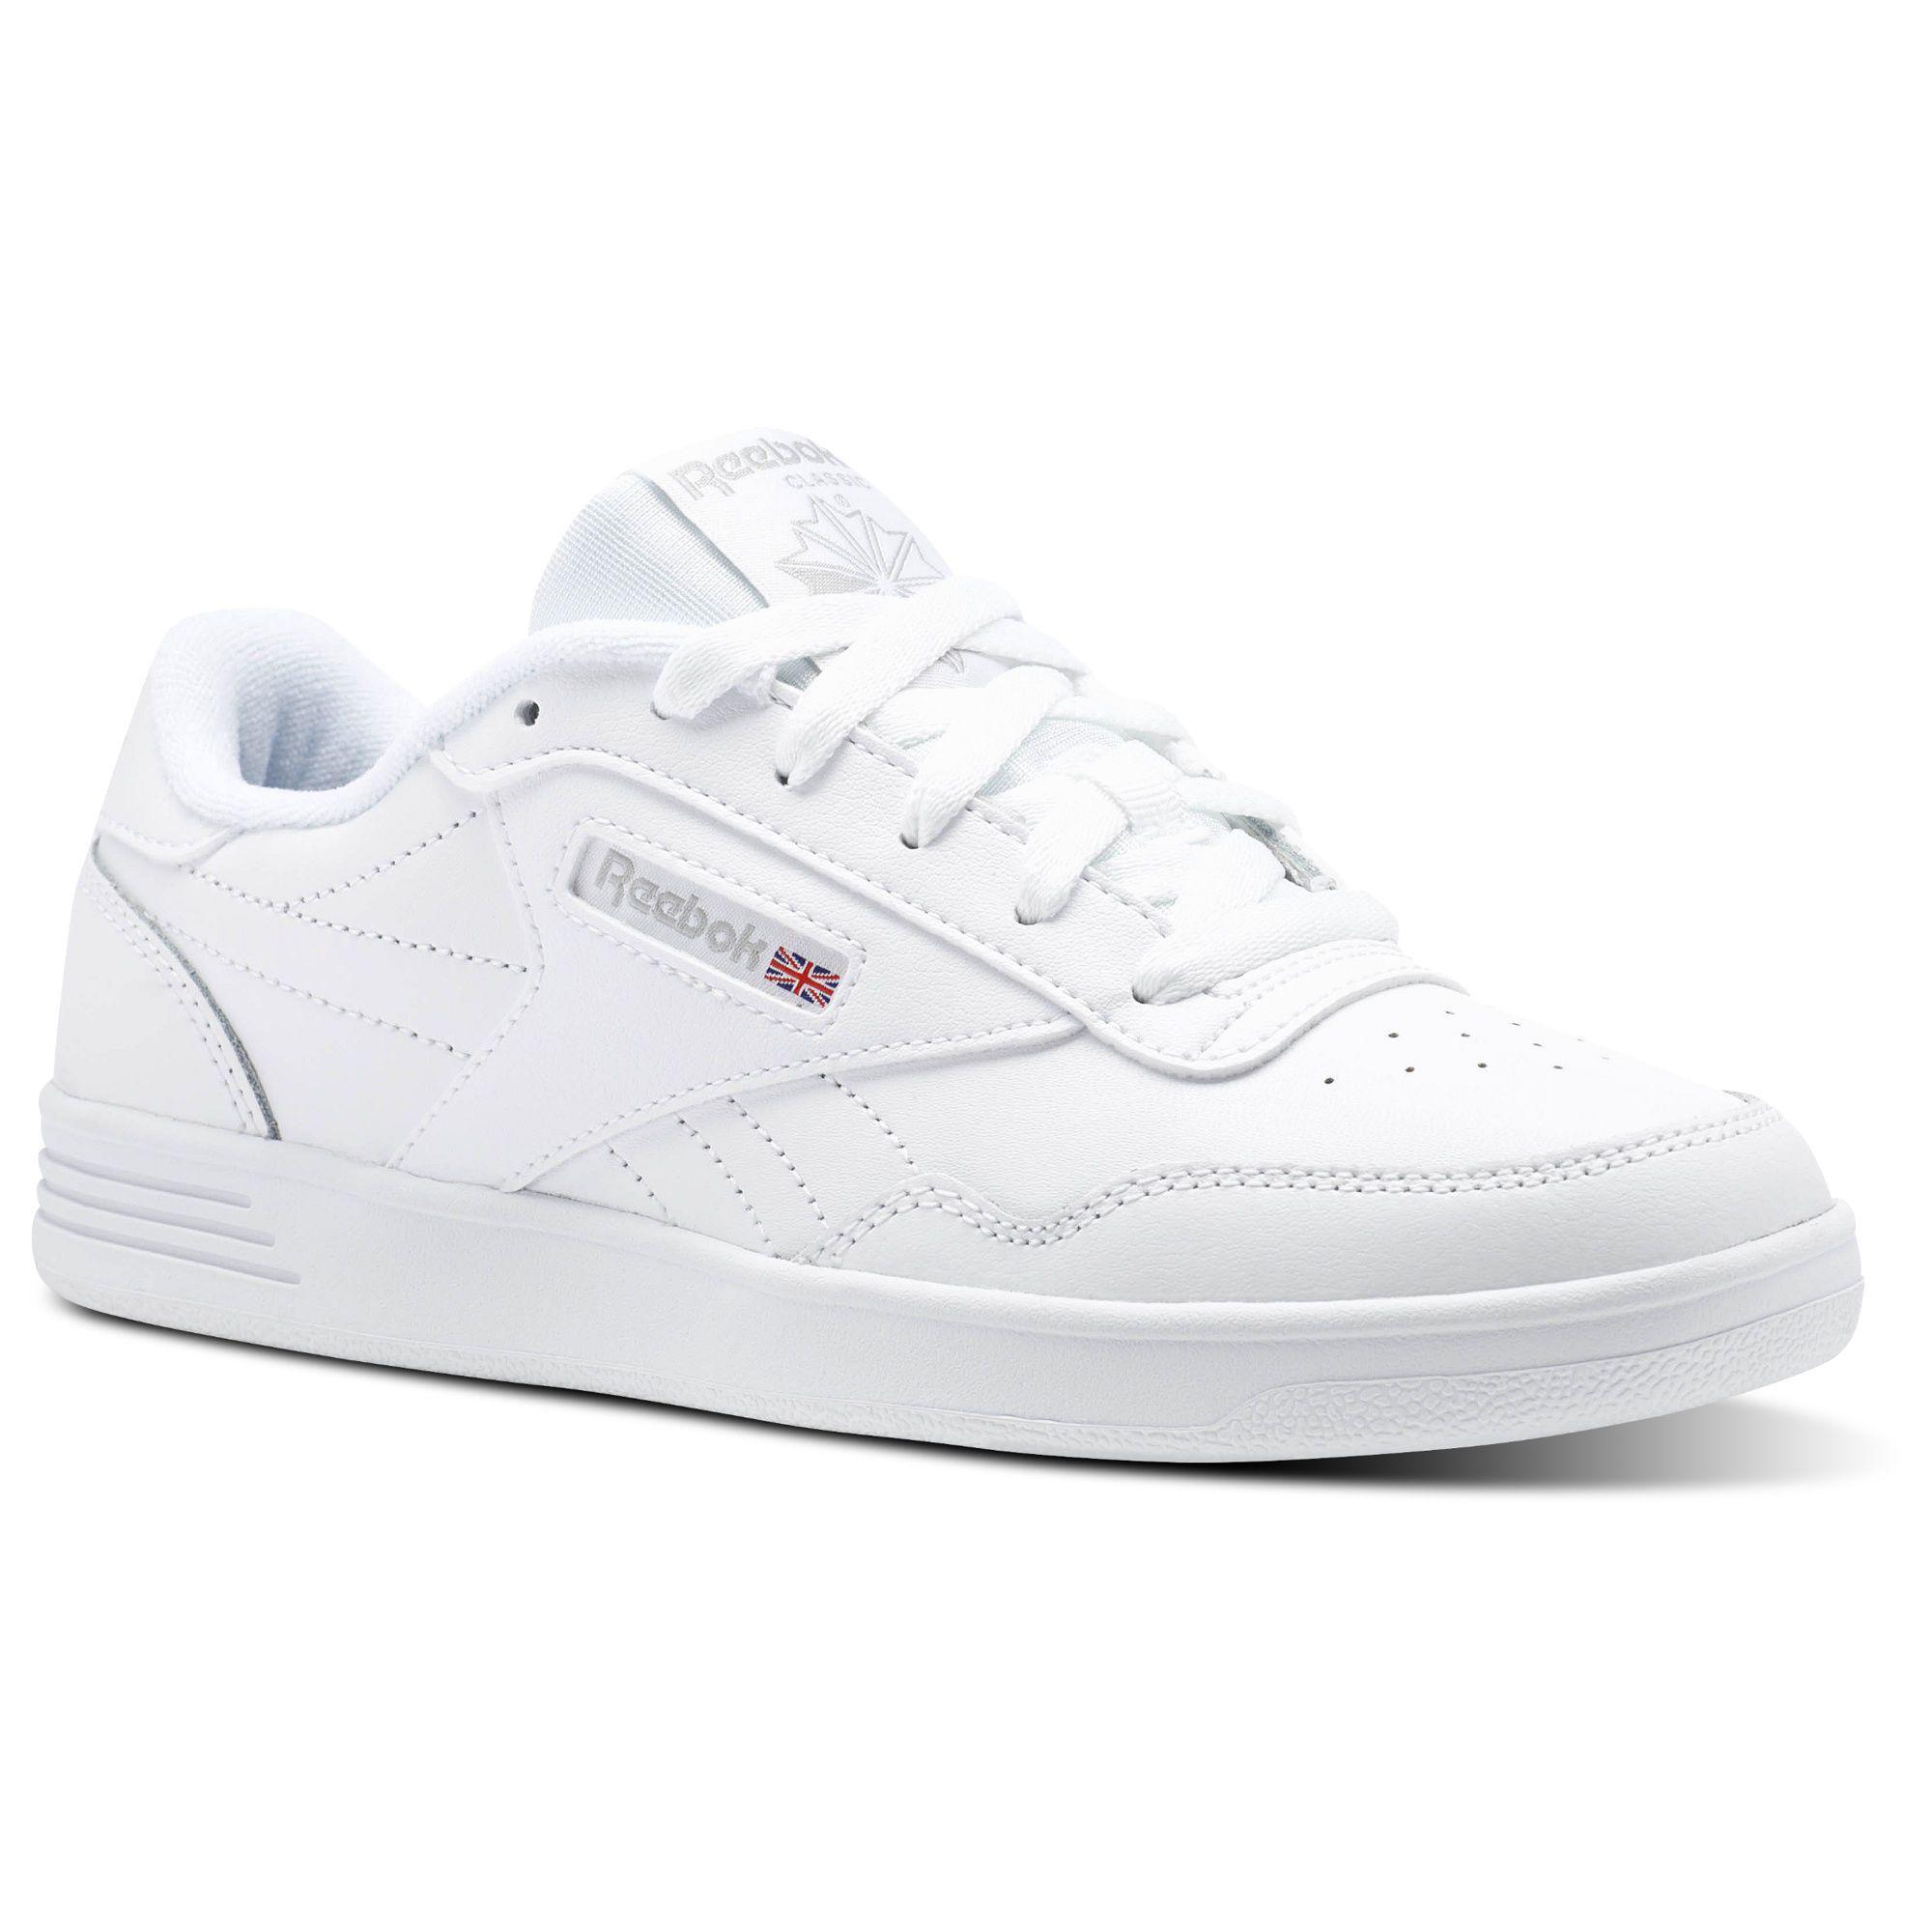 reebok white school shoes online - 55